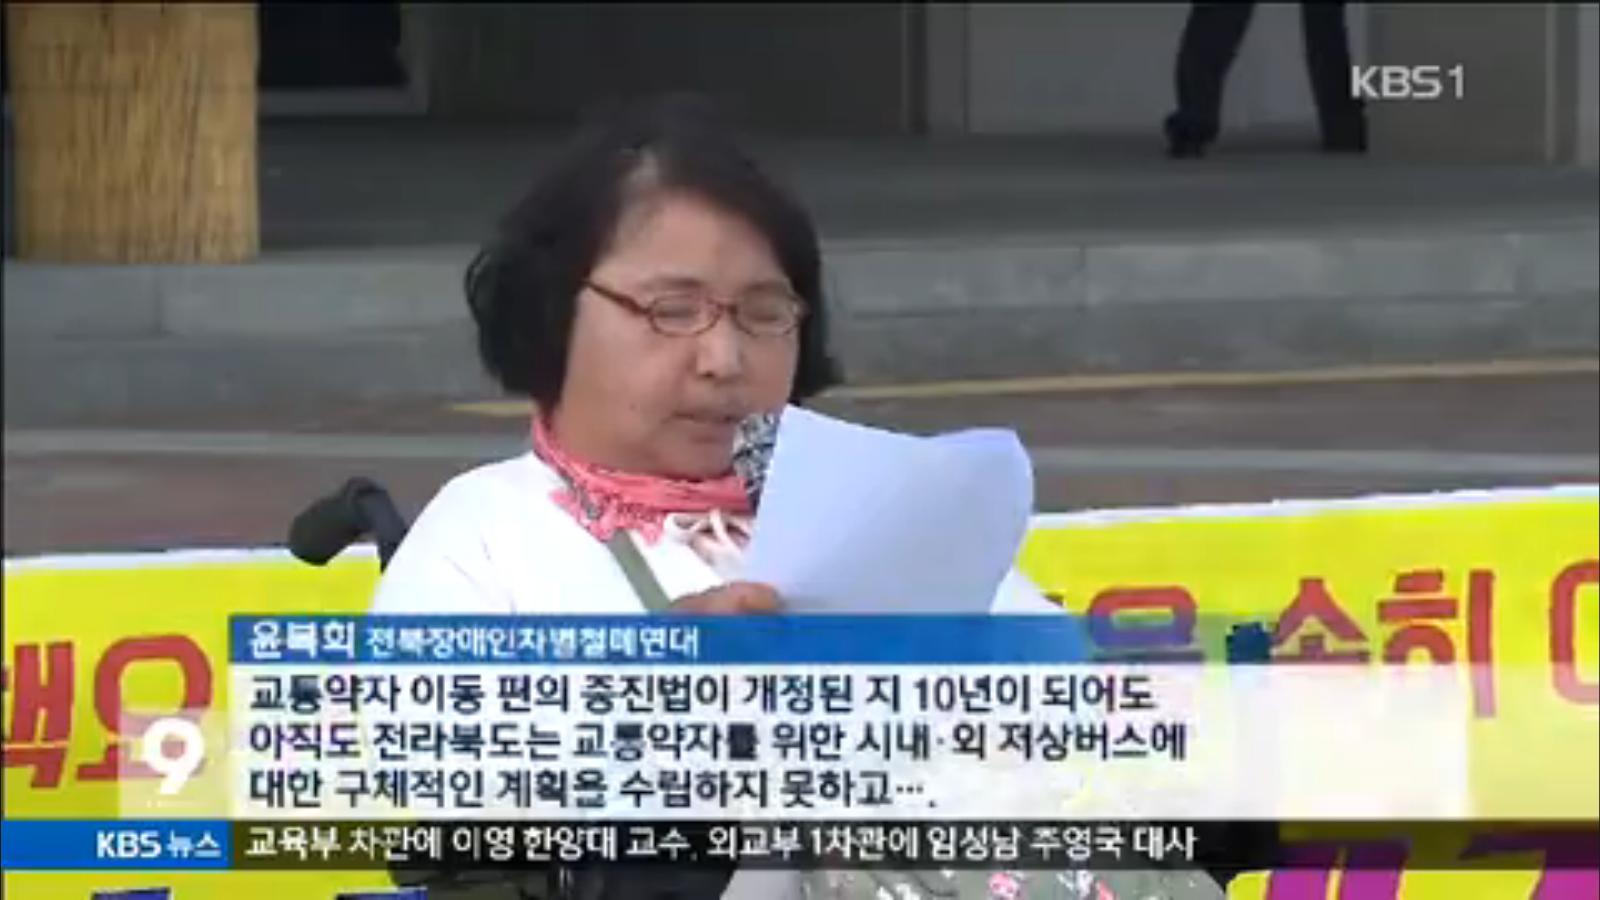 [15.10.19 KBS전주] 전북도 저상버스 태부족, 전국 평균 이하3.png